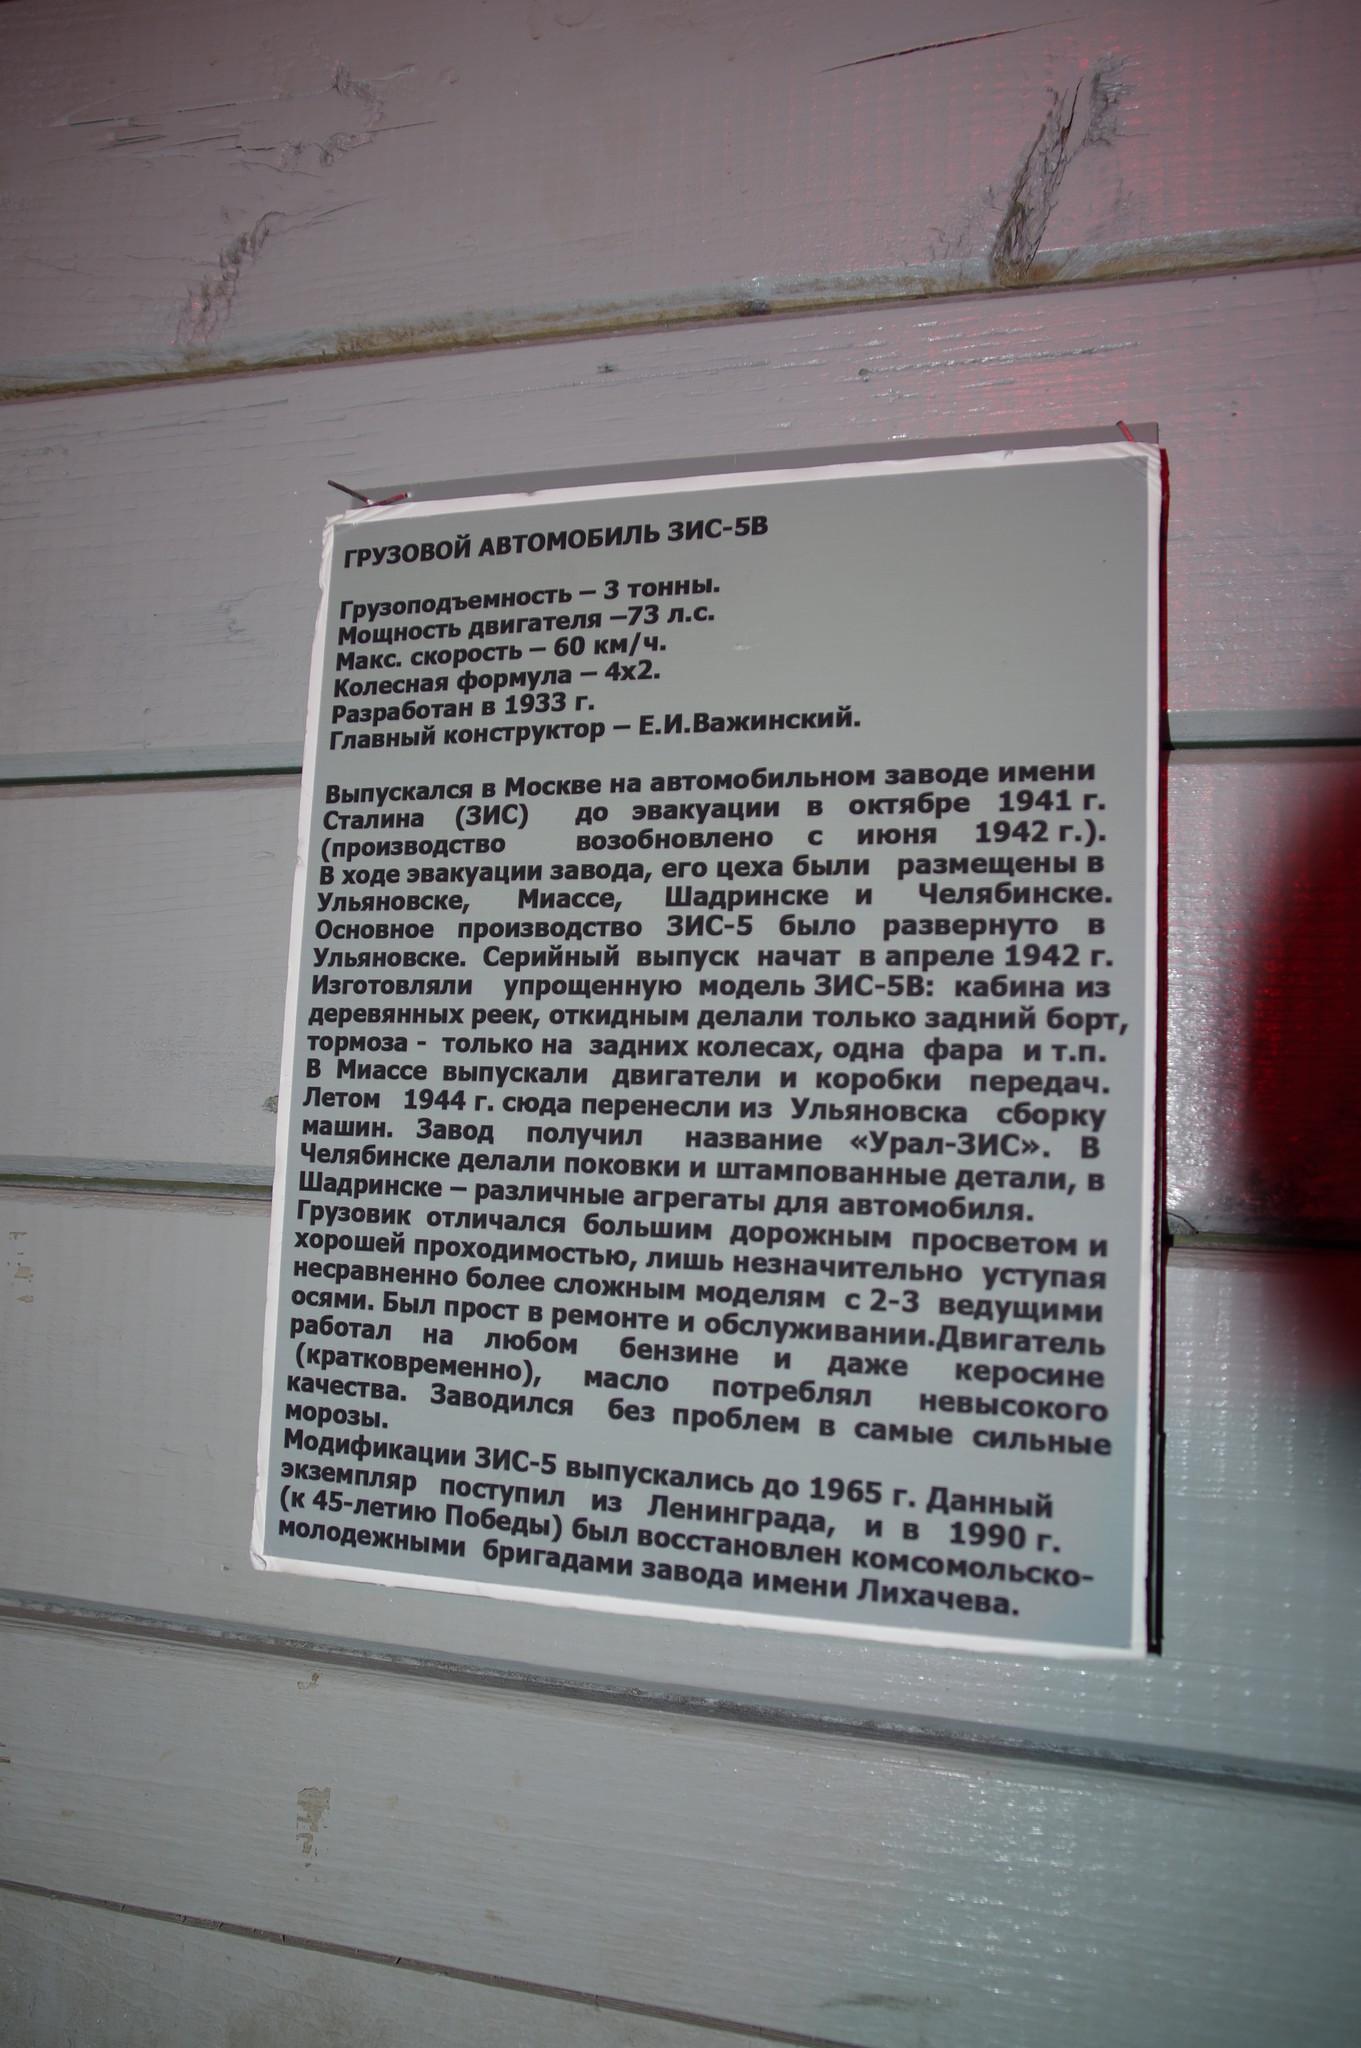 Грузовой автомобиль ЗИС-5 («трёхтонка»). Центральный музей Вооруженных сил Российской Федерации (улица Советской Армии, 2)